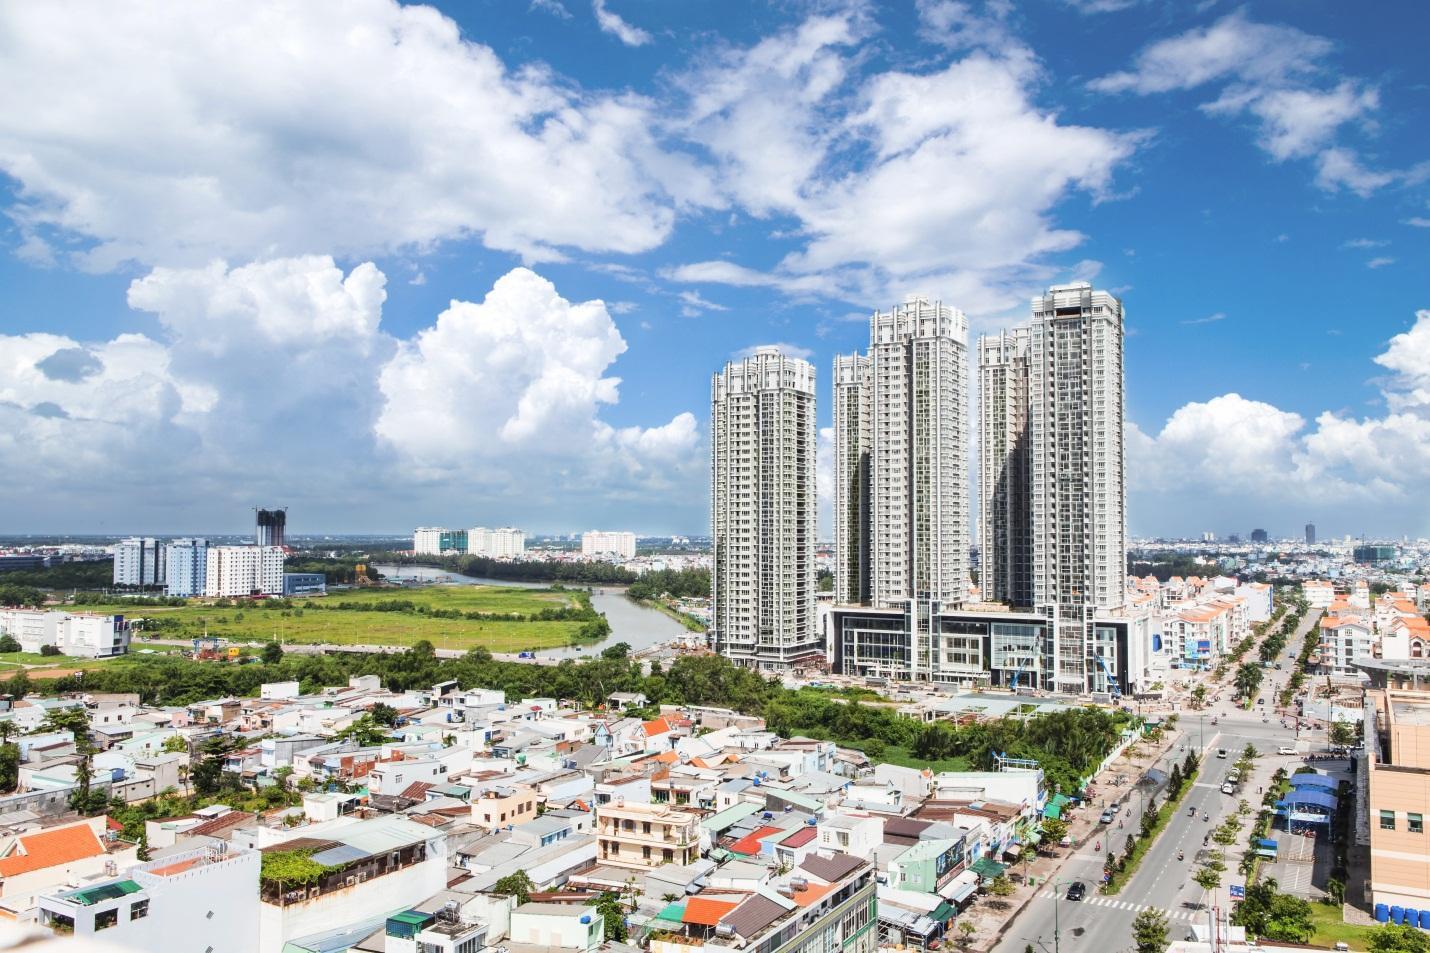 Thị trường bất động sản: Như chiếc lò xo bị nén, giá nhà khó lao dốc